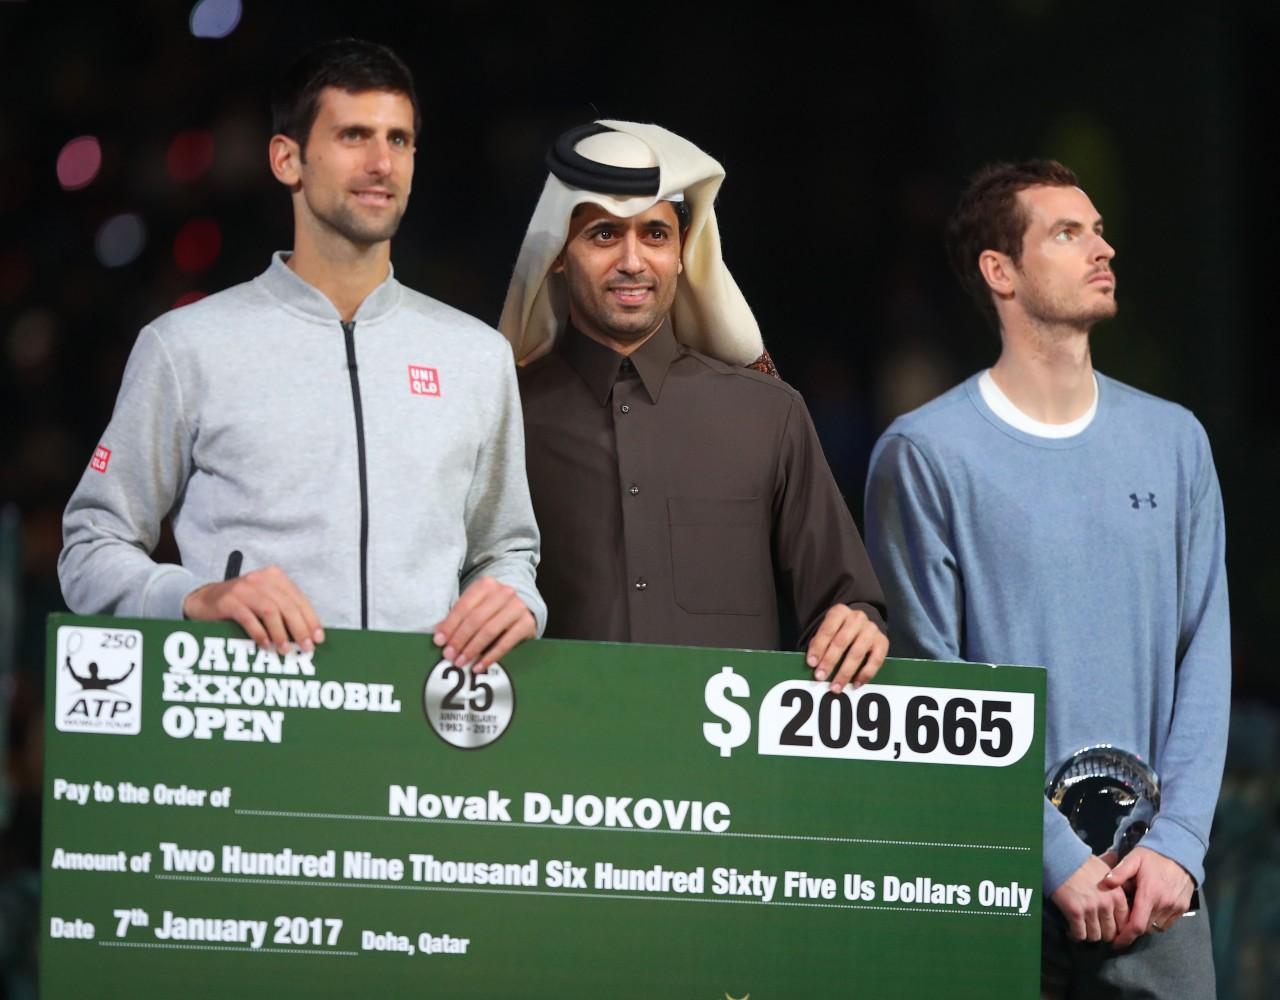 Novāks Džokovičs ATP World Tour 250 - ATP - Teniss - Sportazinas.com